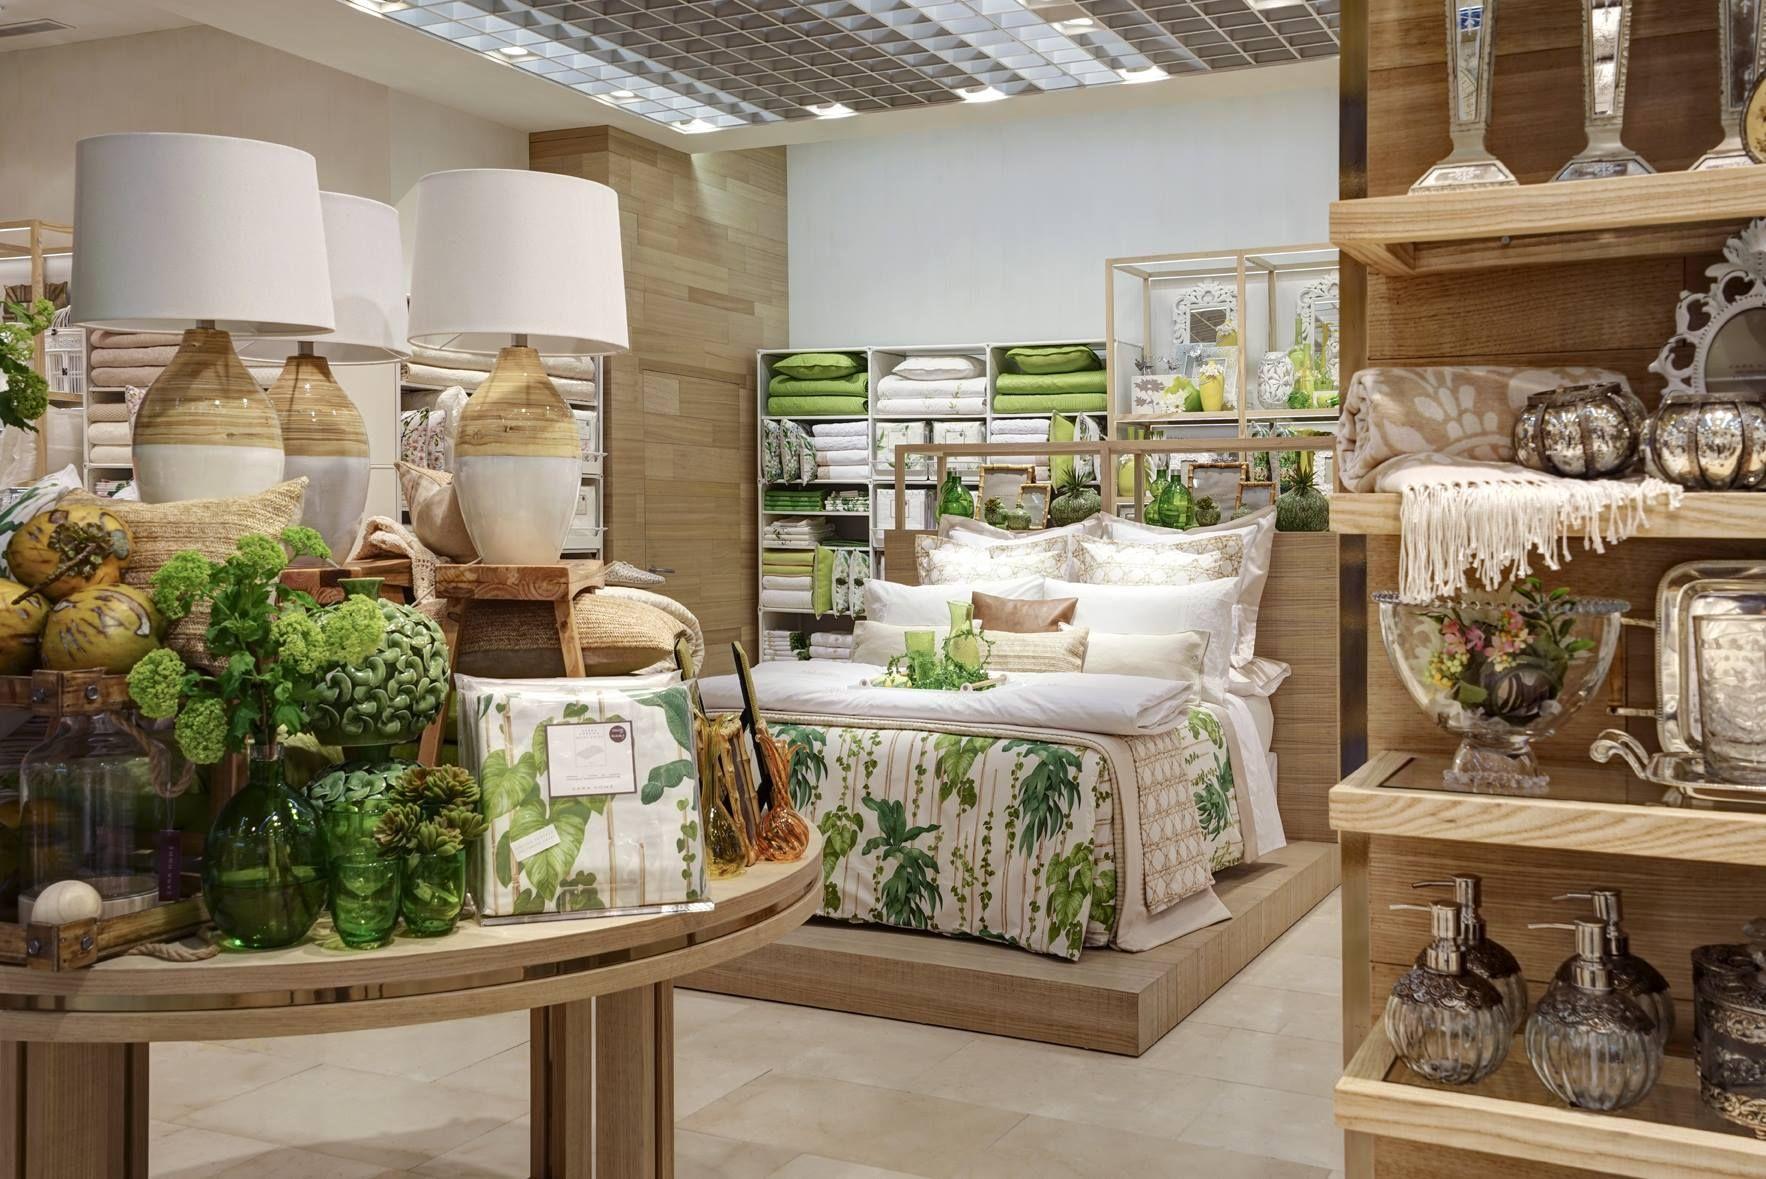 Магазин дизайнерской мебели, декора и текстиля